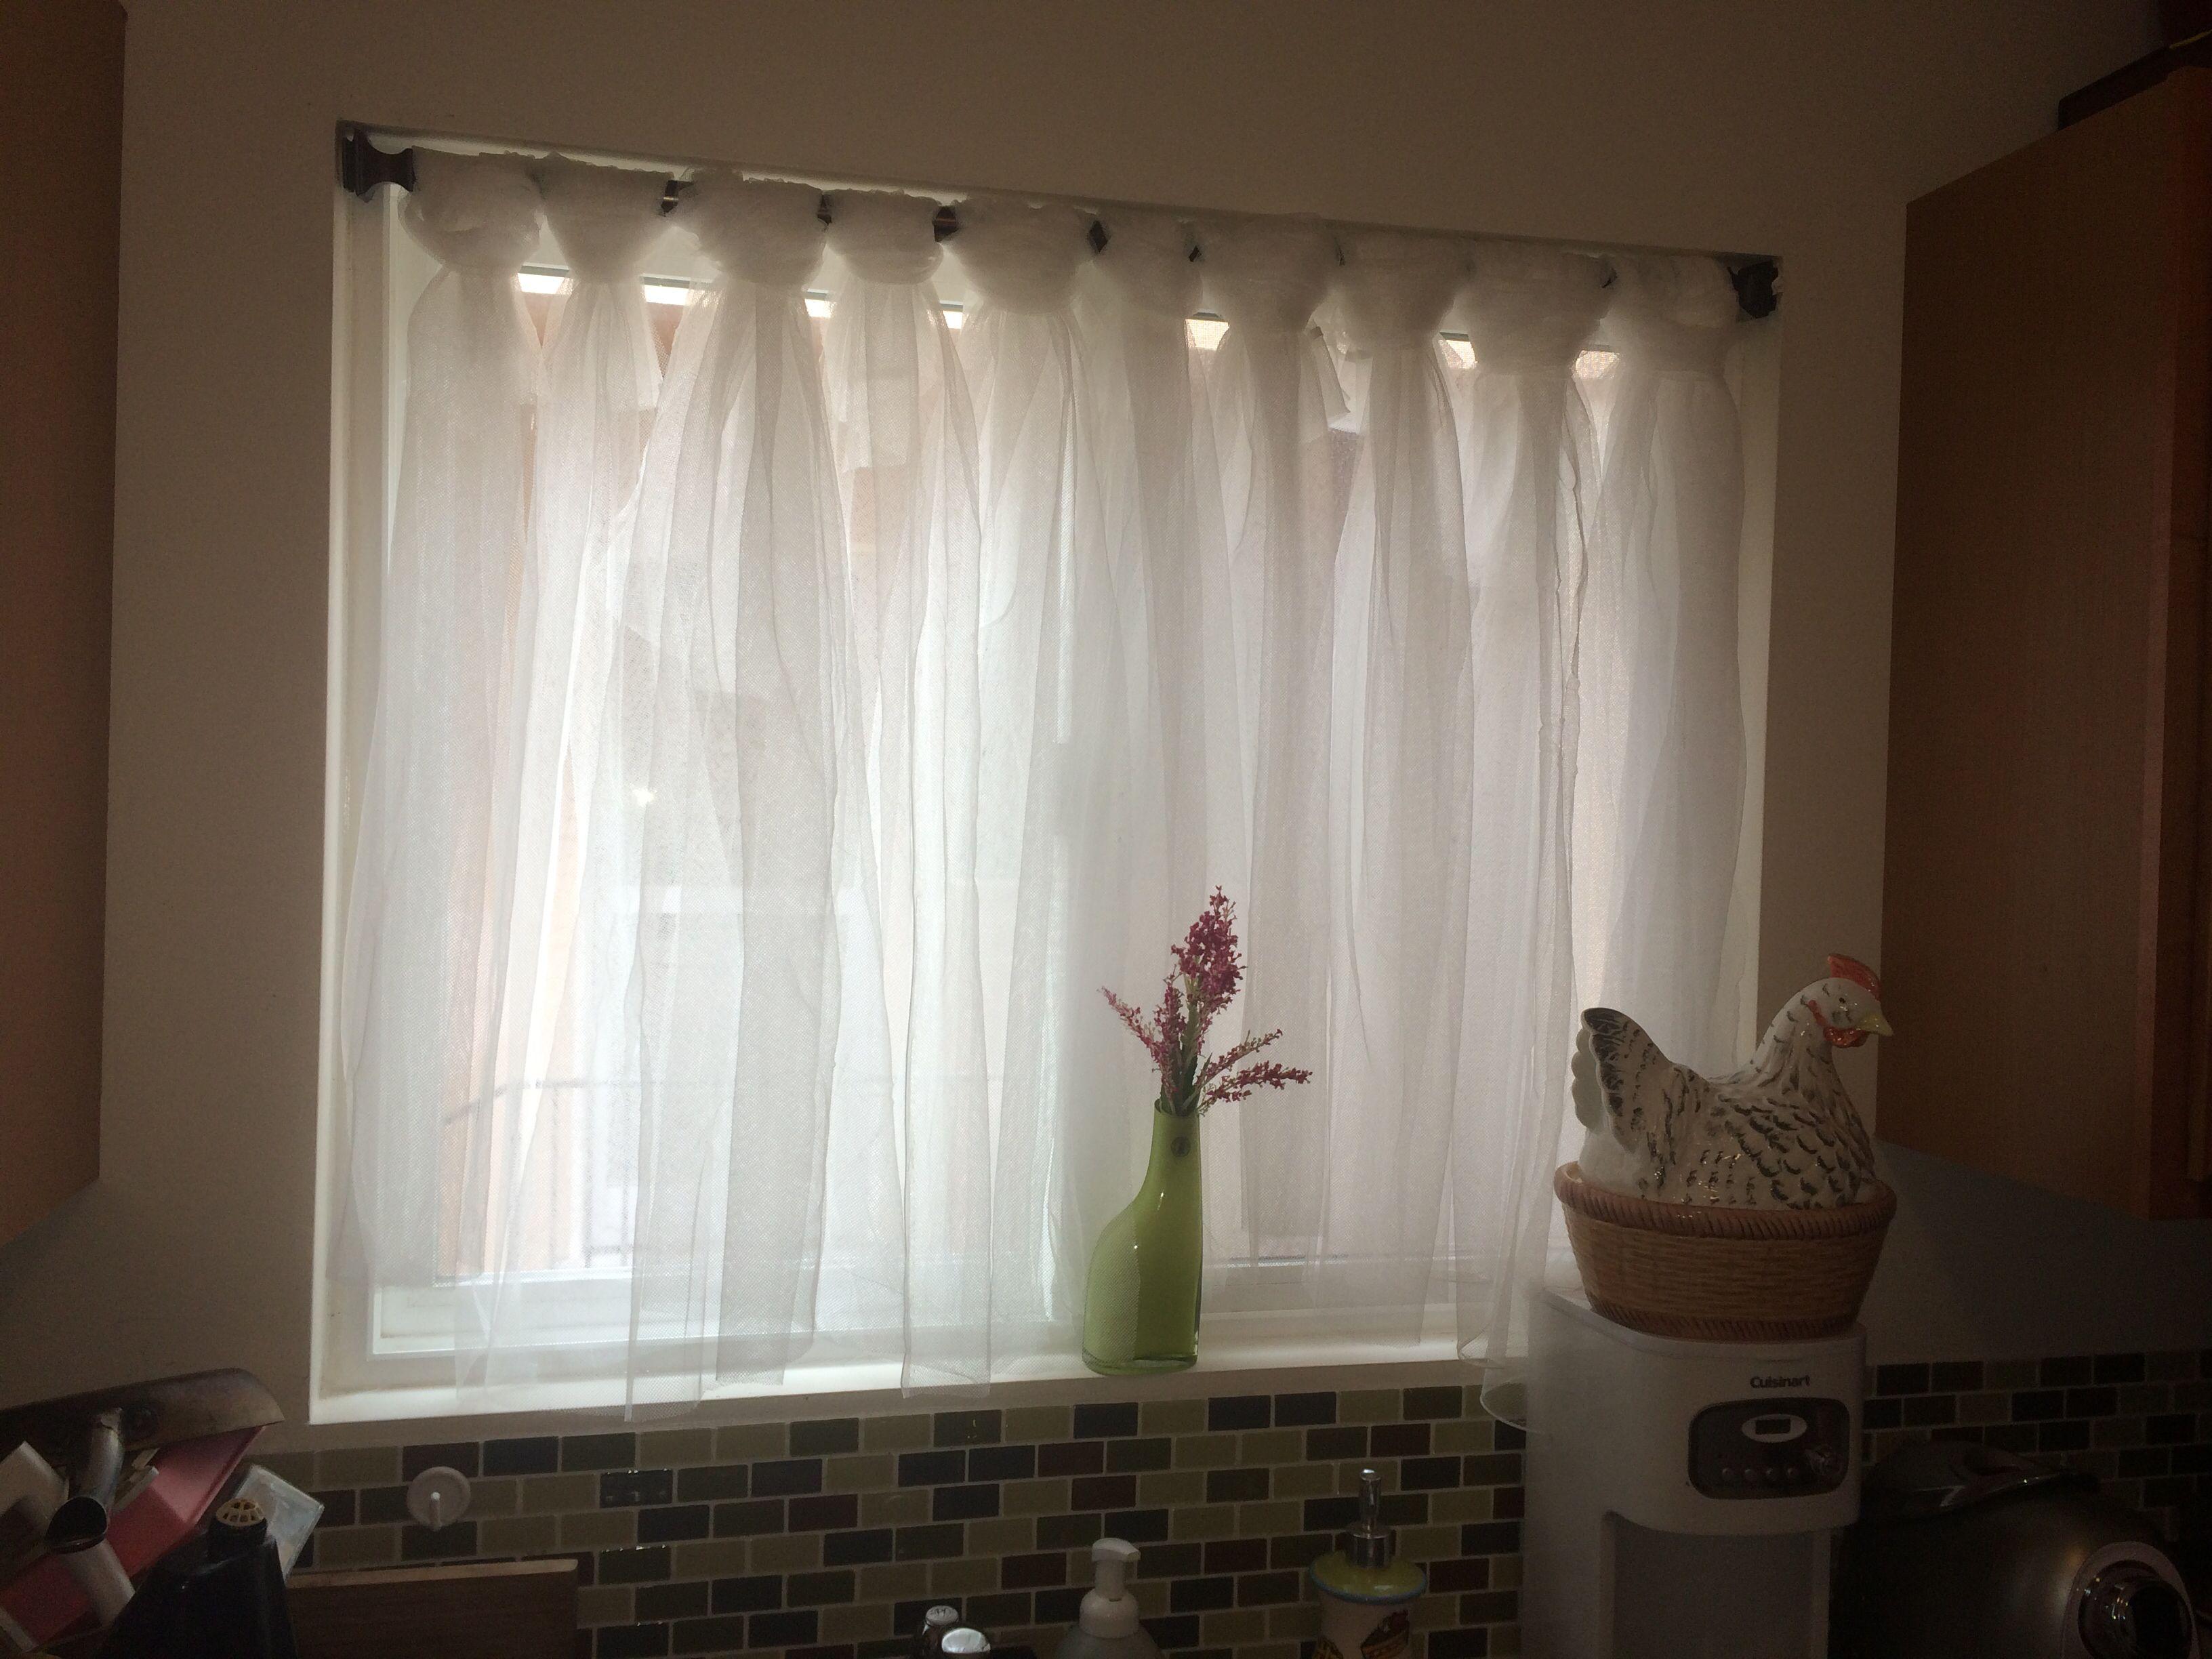 cortina para curtain diy hgalo usted mismo con retazos de